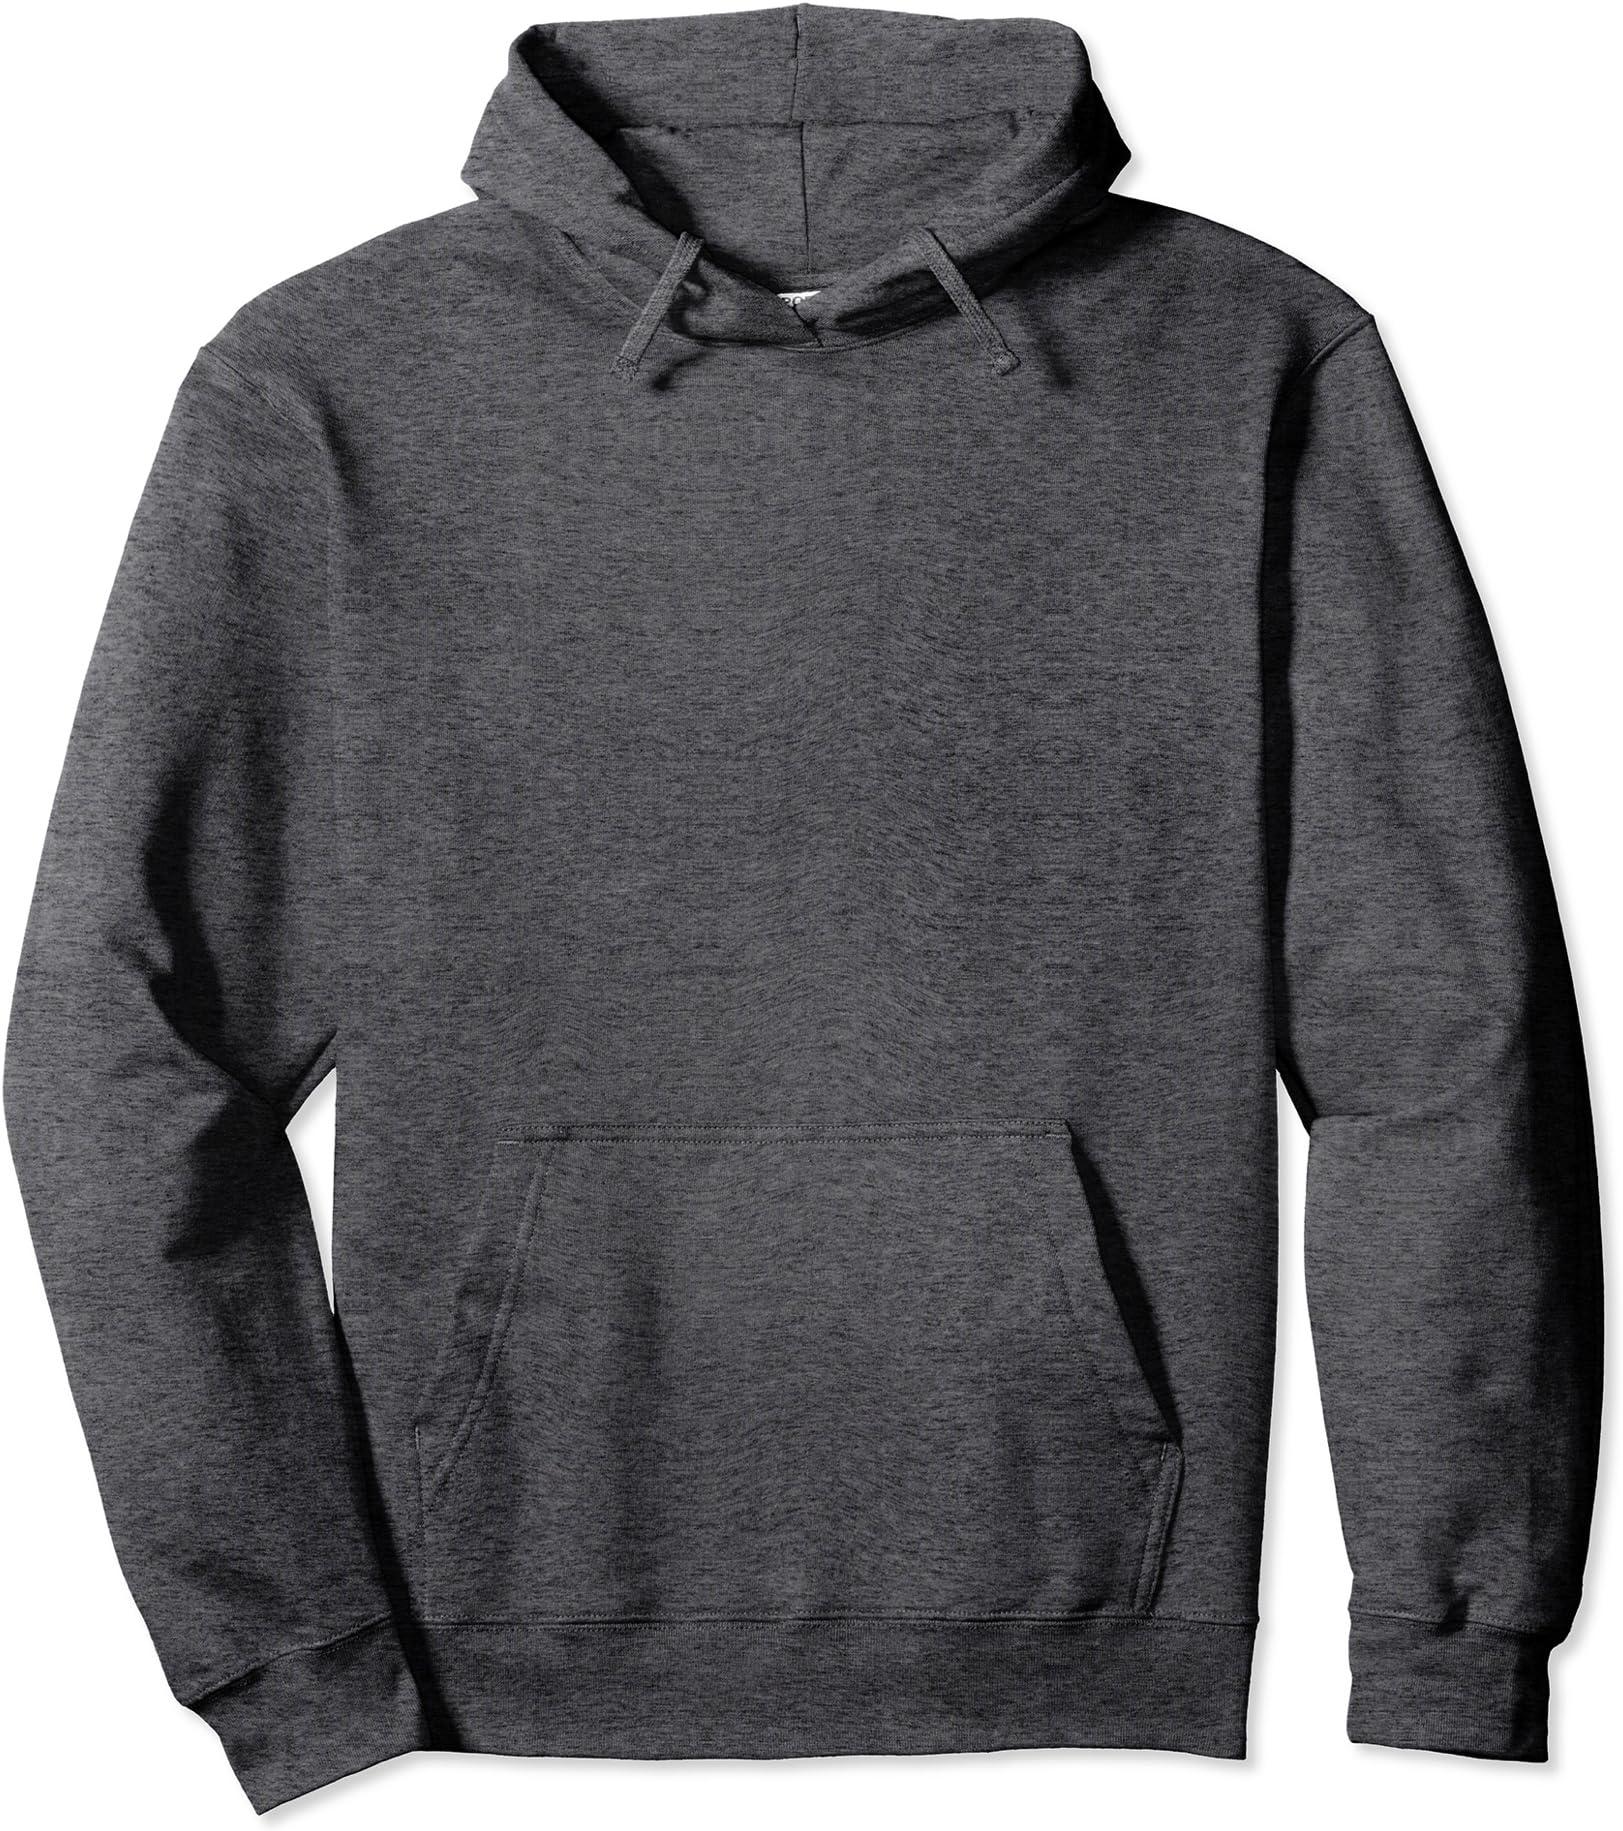 Mens Hoodies Norway Flag Heart Best Pullover Hooded Print Sweatshirt Jackets